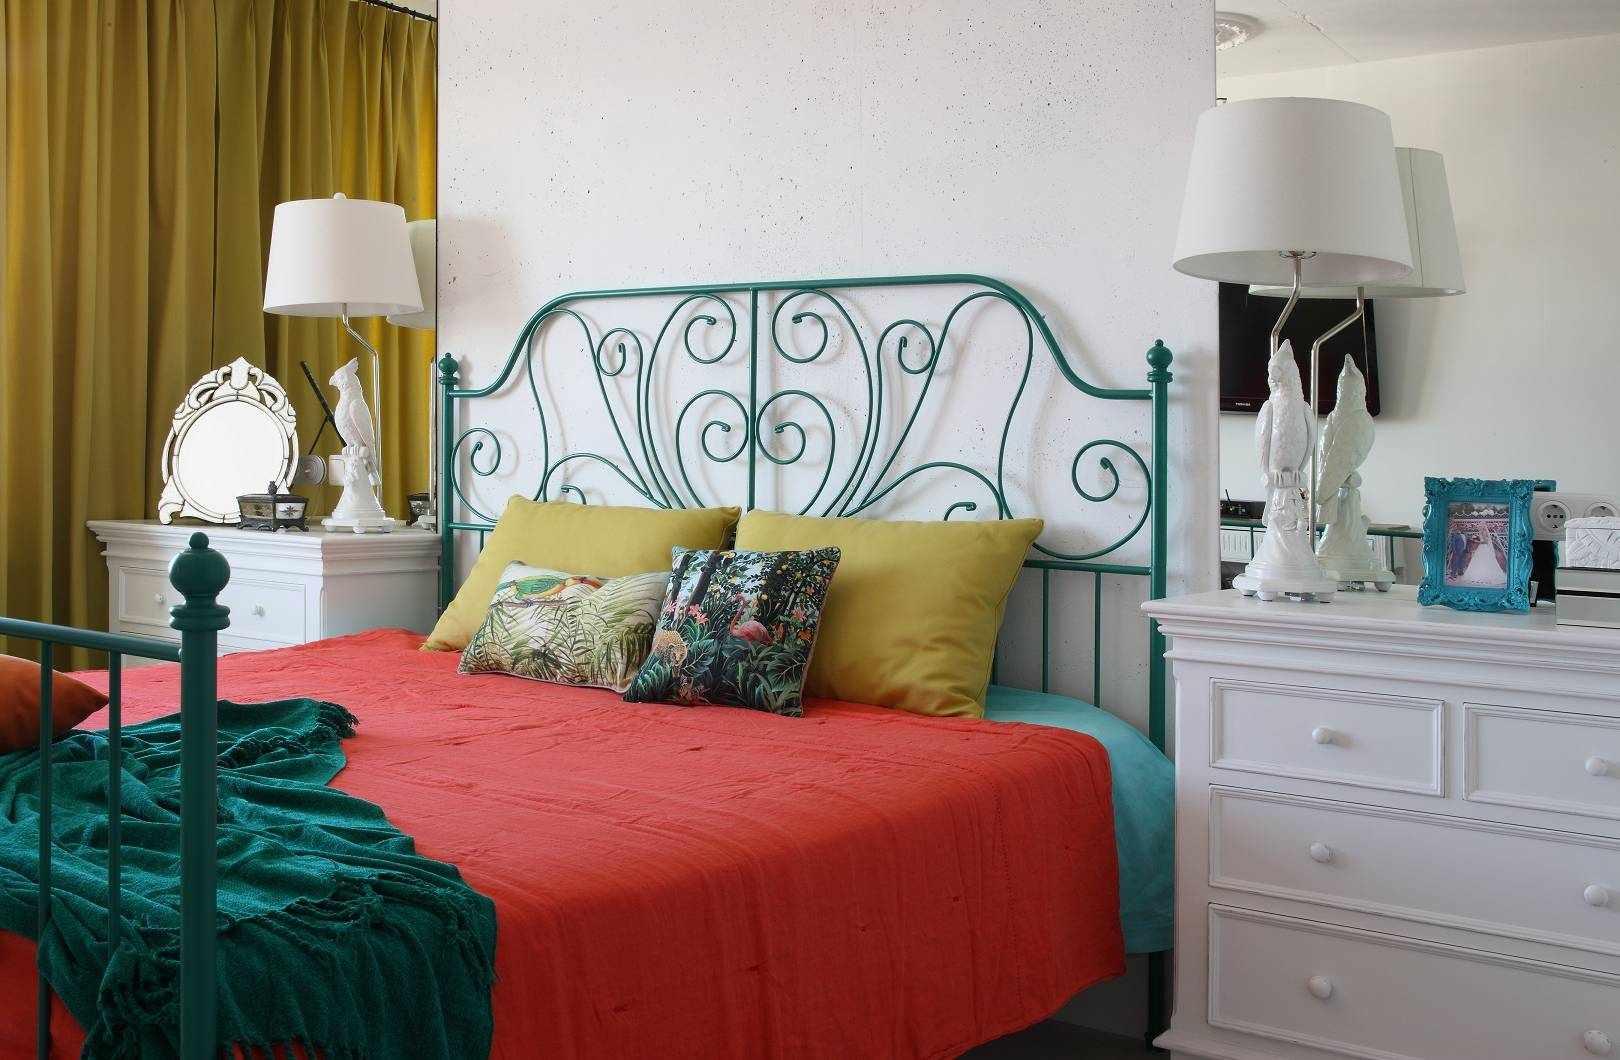 Спальня с кроватью в стиле 60-х